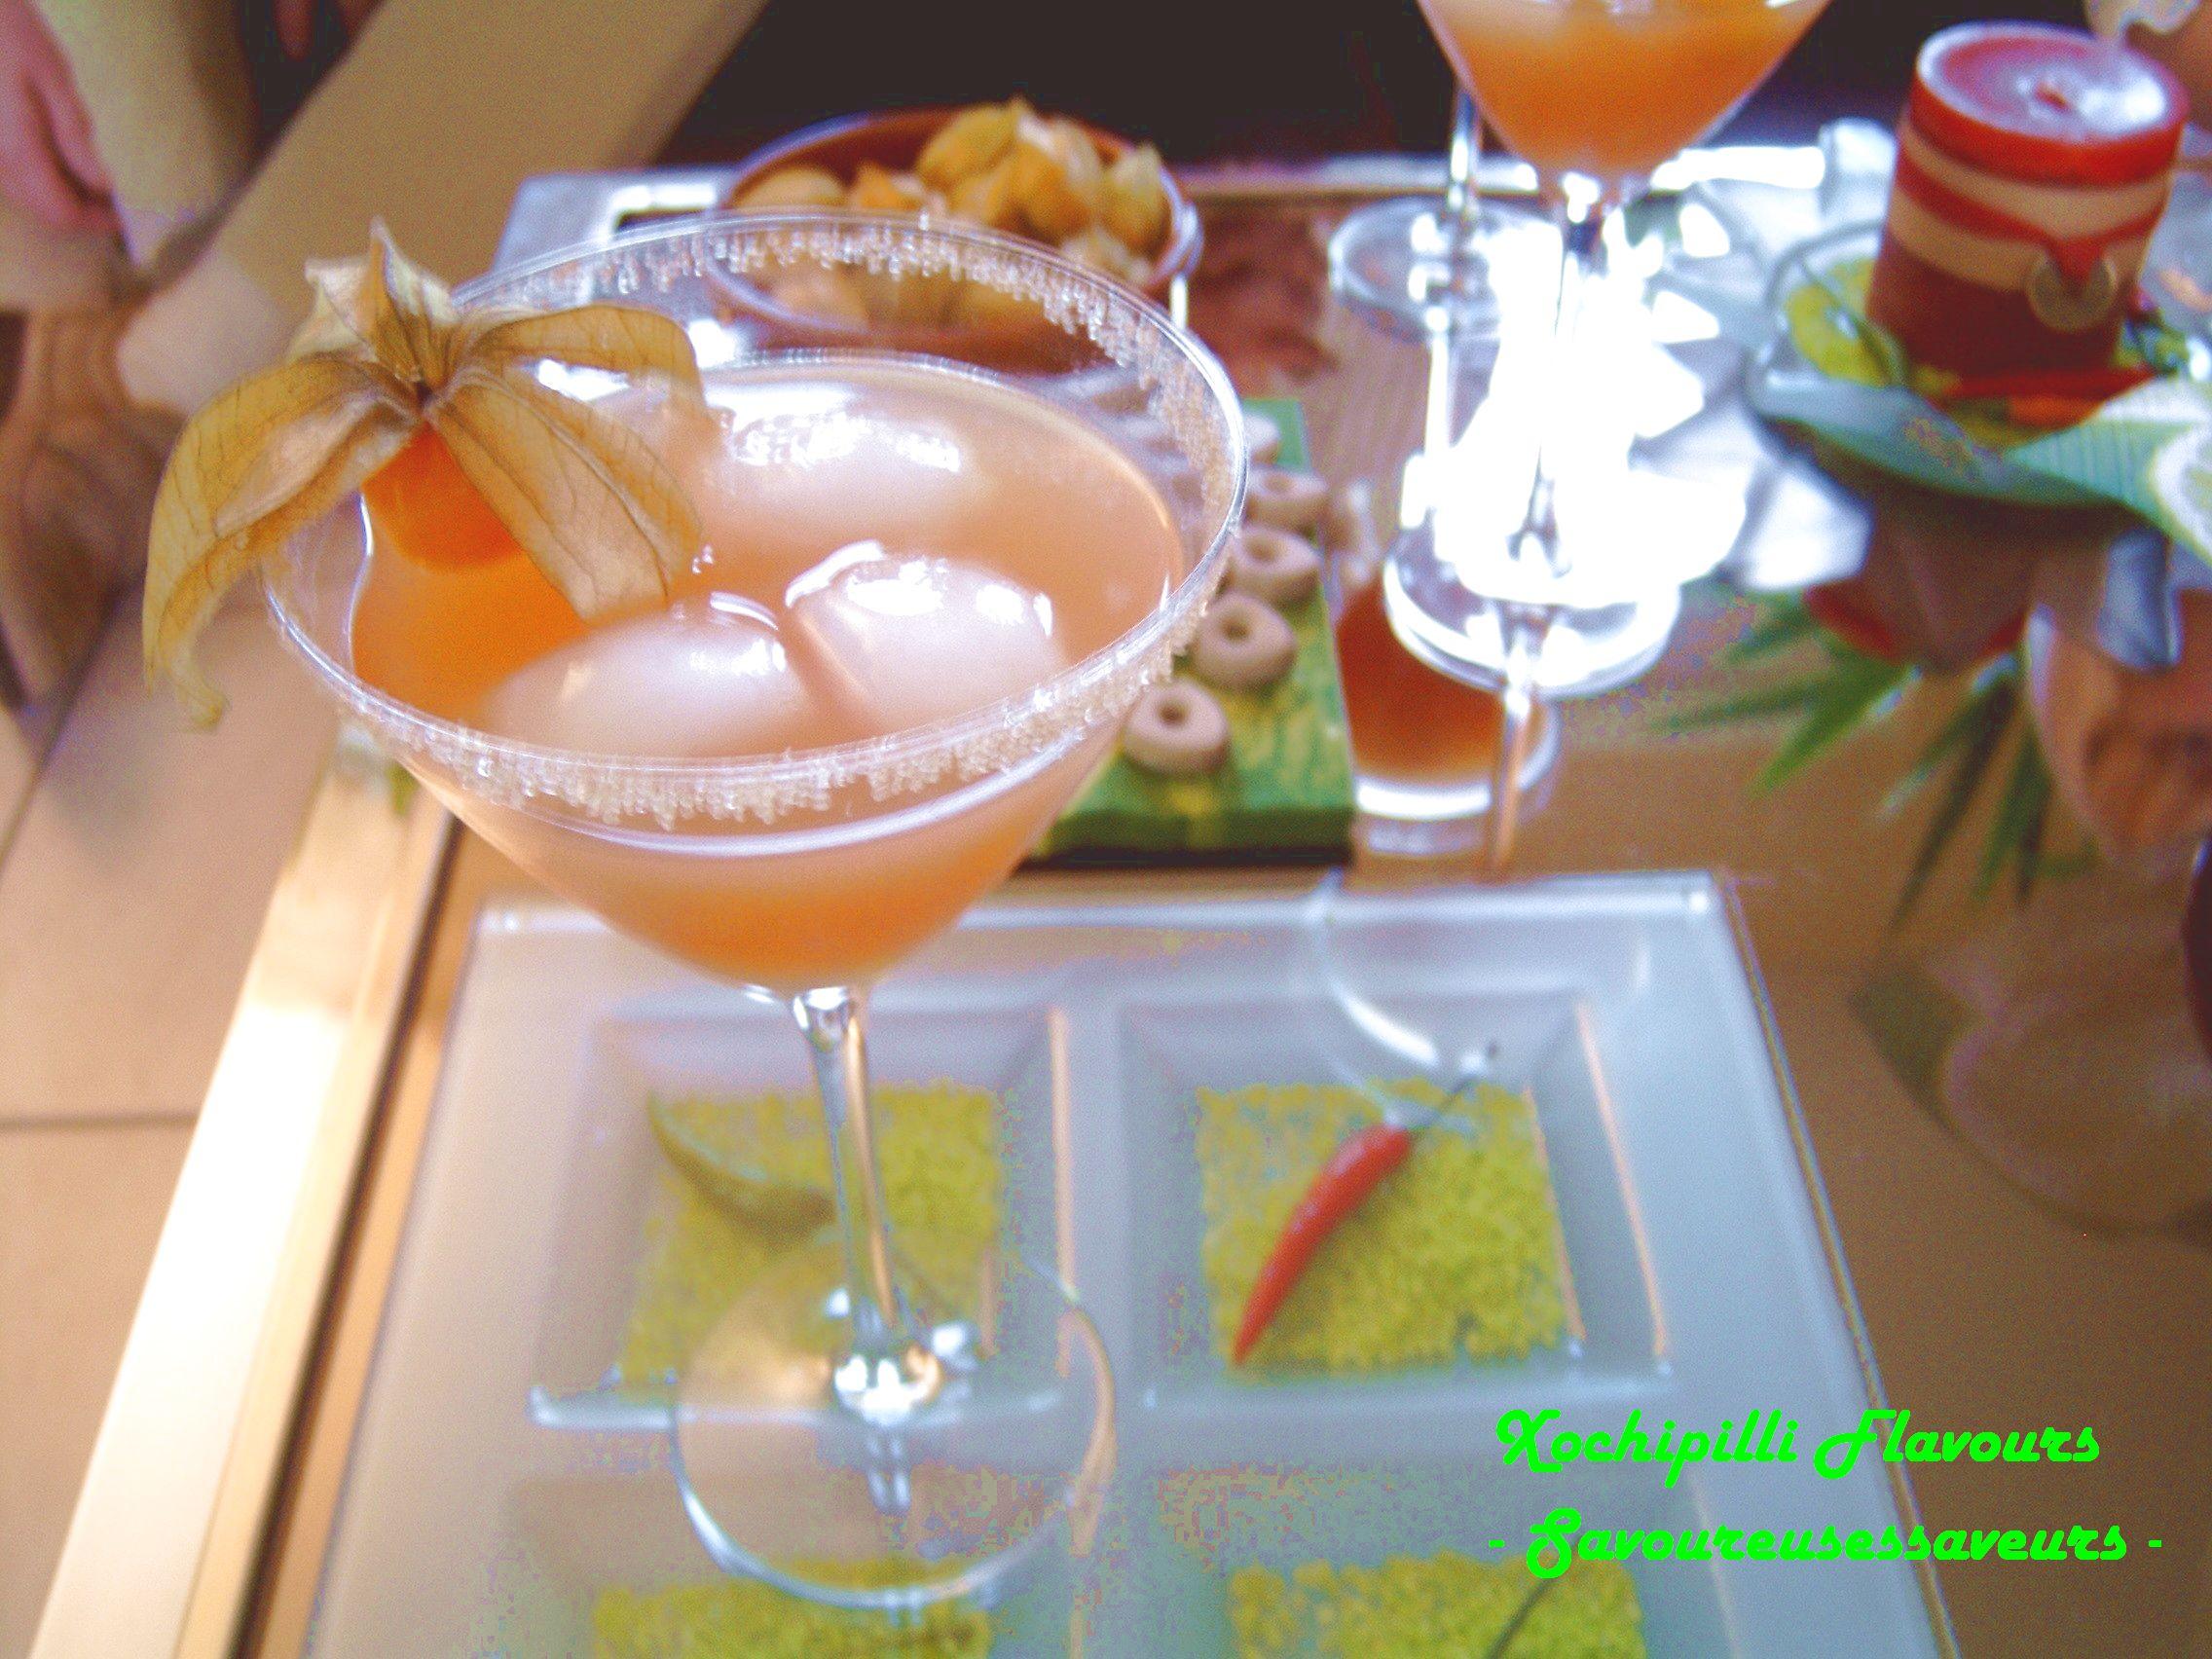 cocktailitalien1.jpg